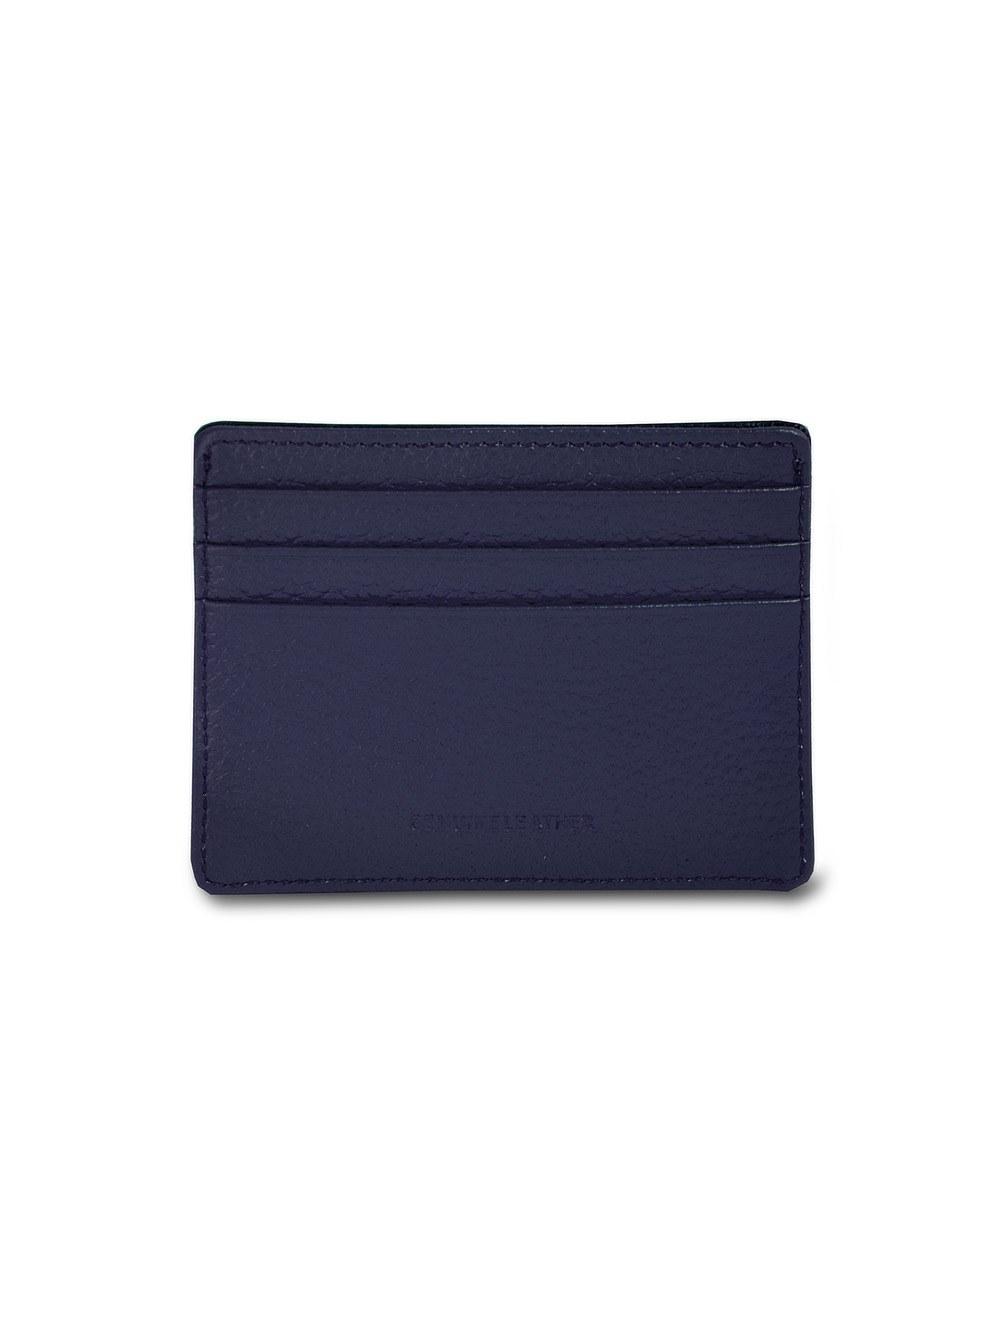 Cambridge Wallet